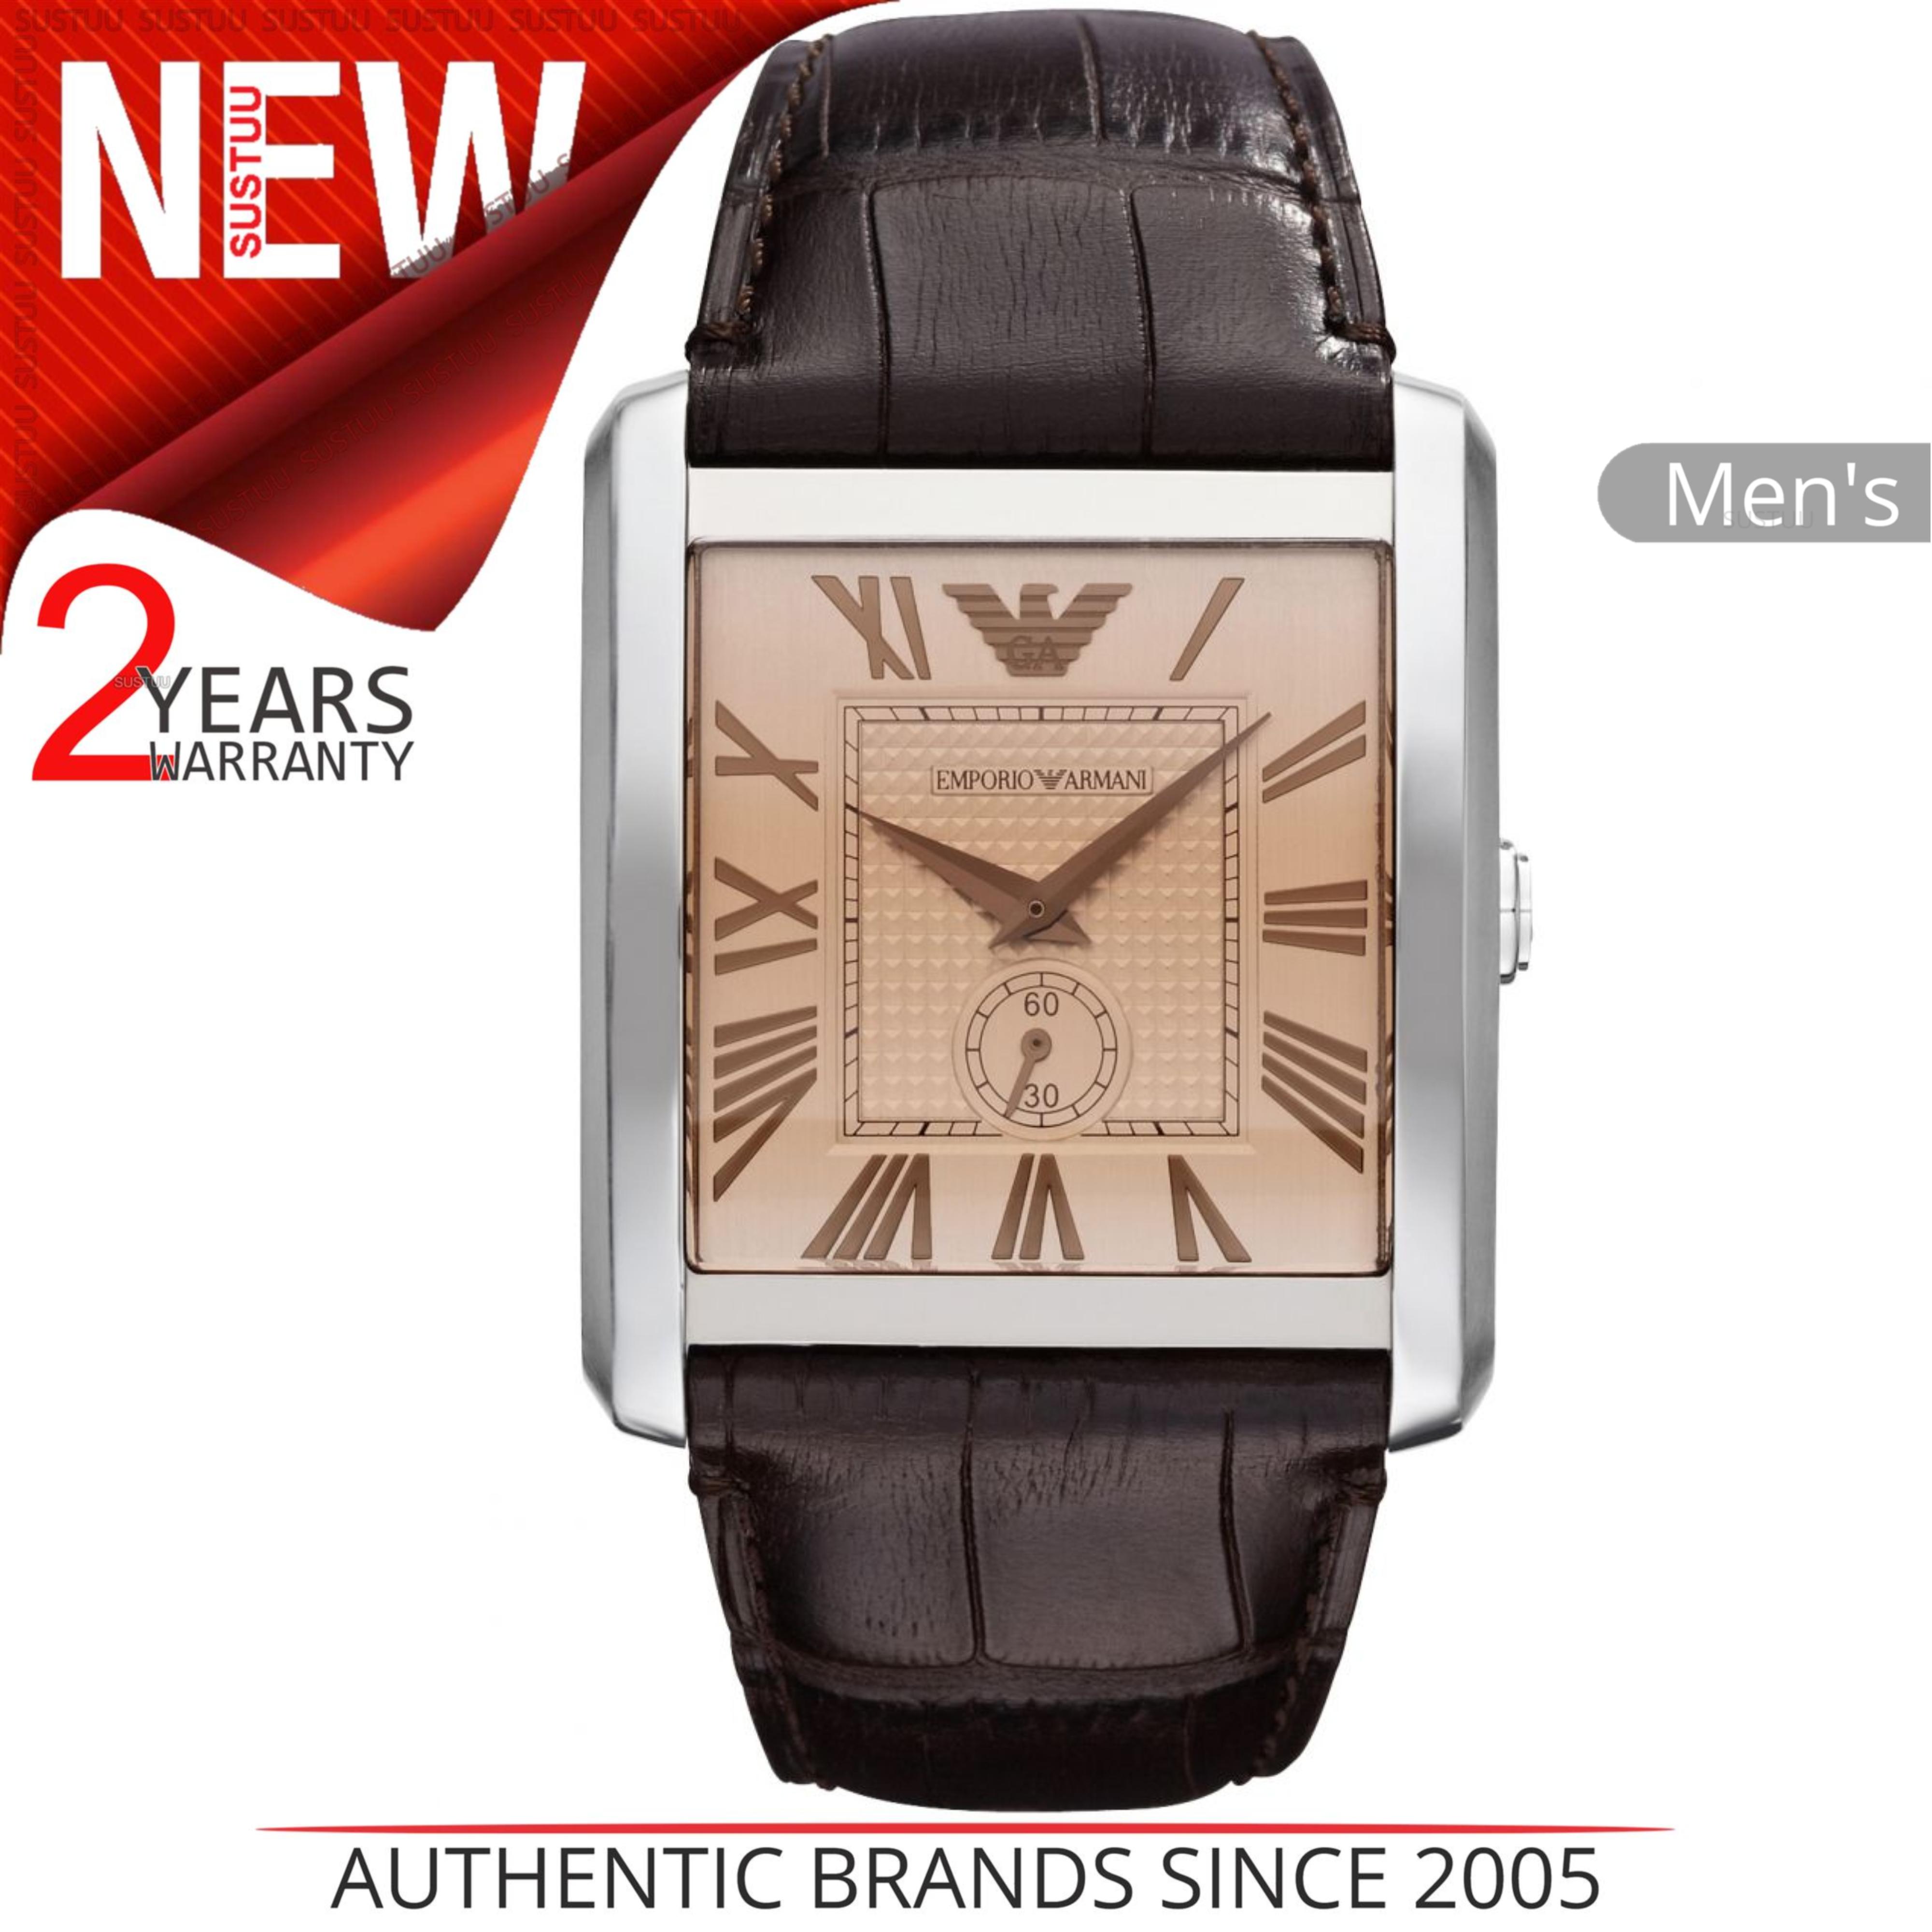 067cde37539 Emporio Armani Classic Men s Watch